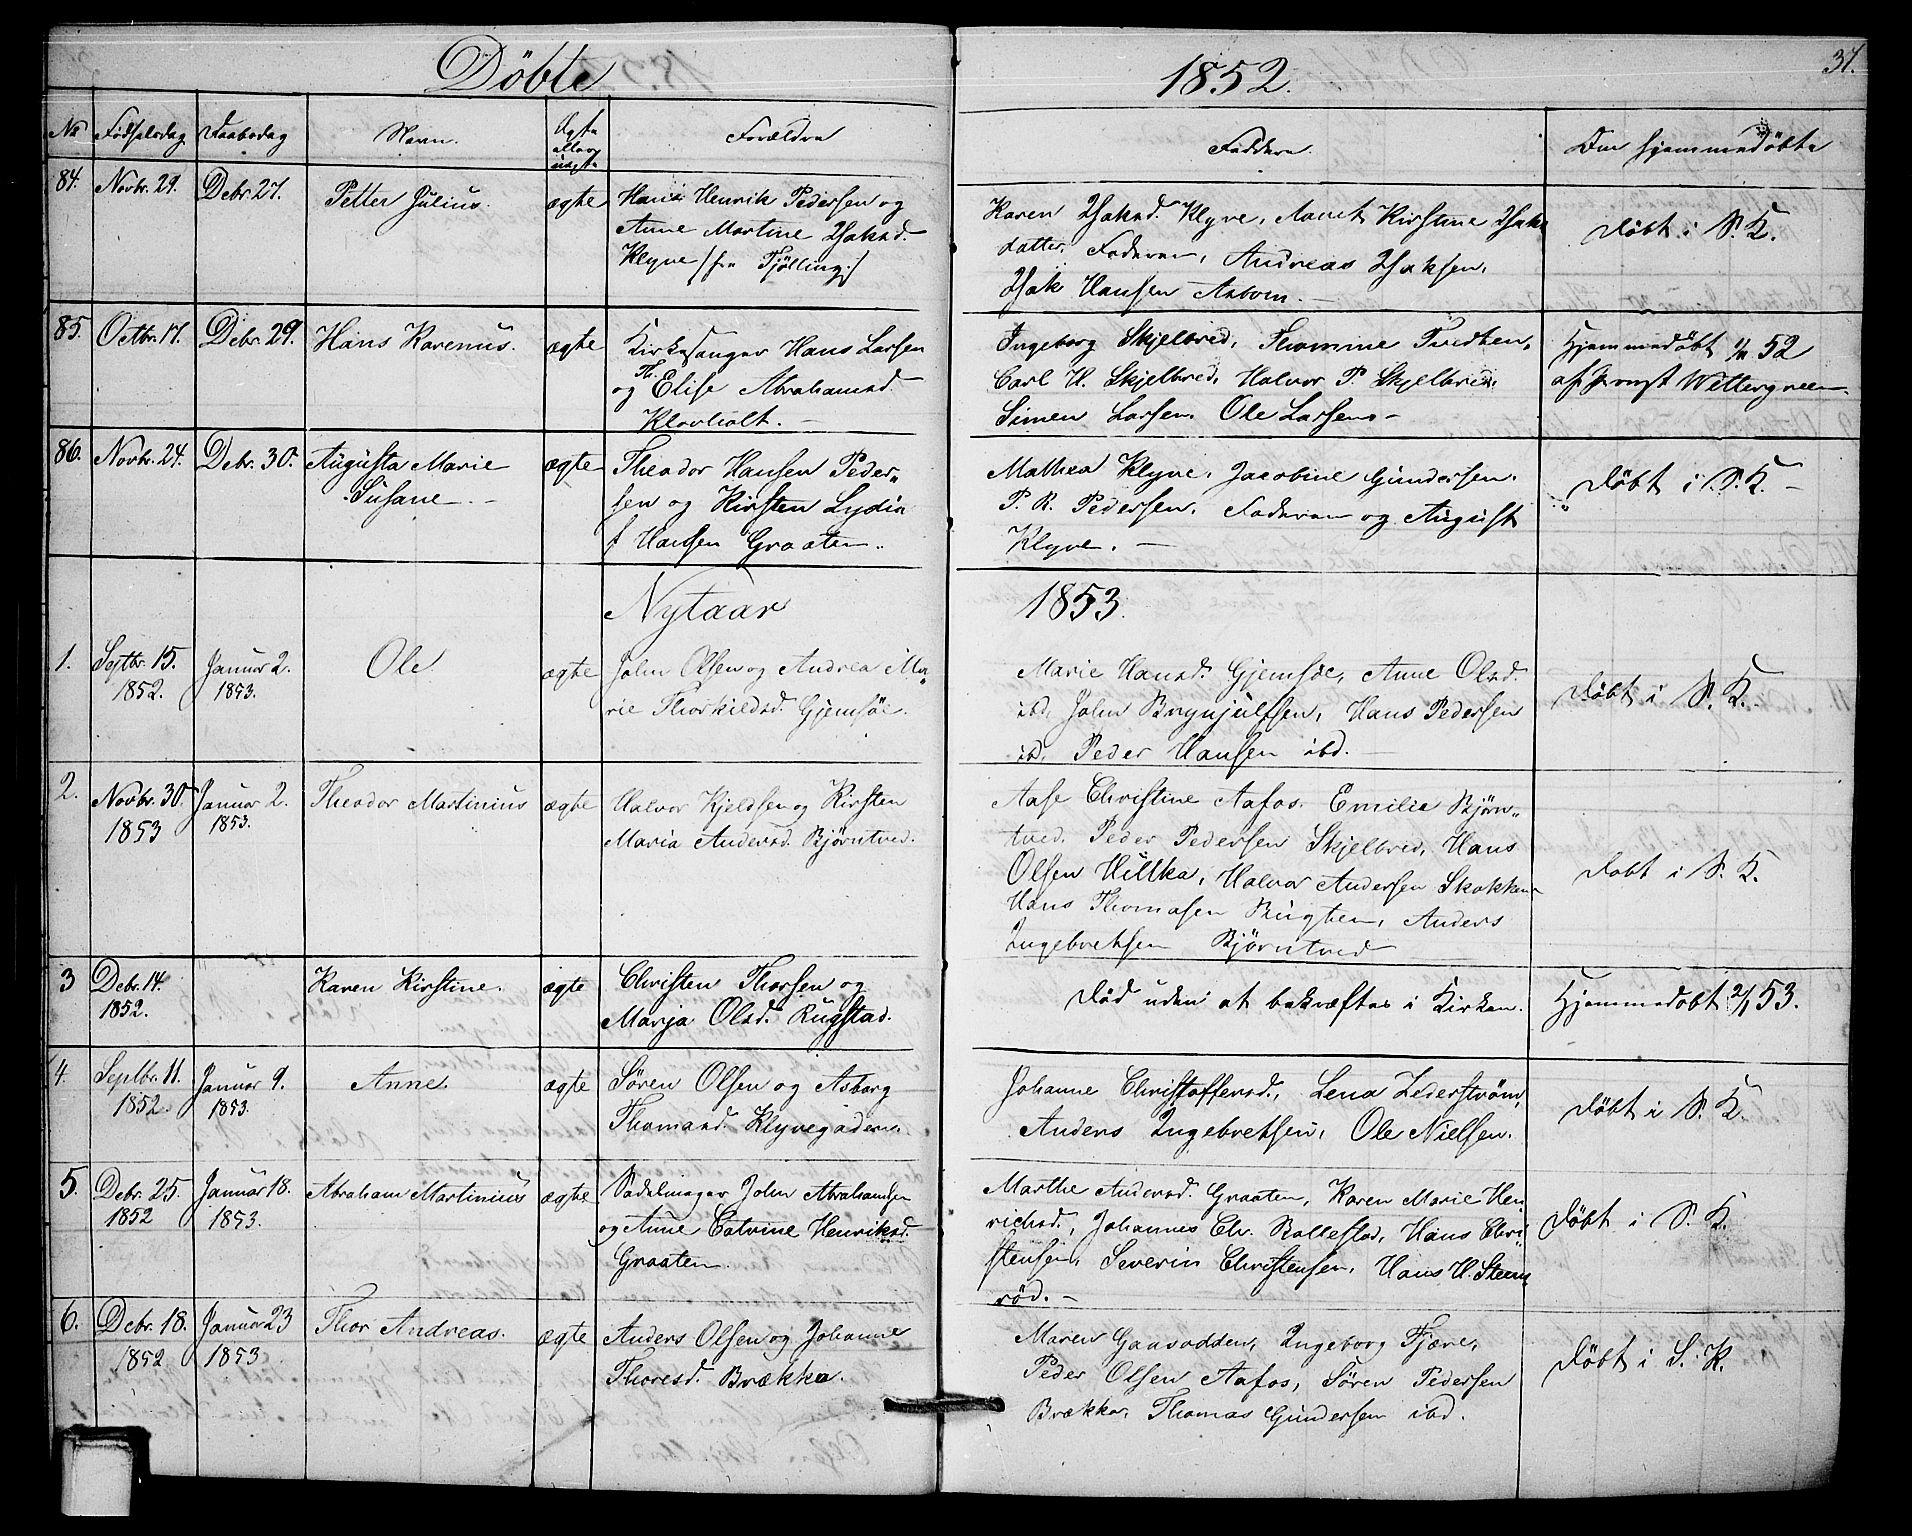 SAKO, Solum kirkebøker, G/Ga/L0003: Klokkerbok nr. I 3, 1848-1859, s. 37